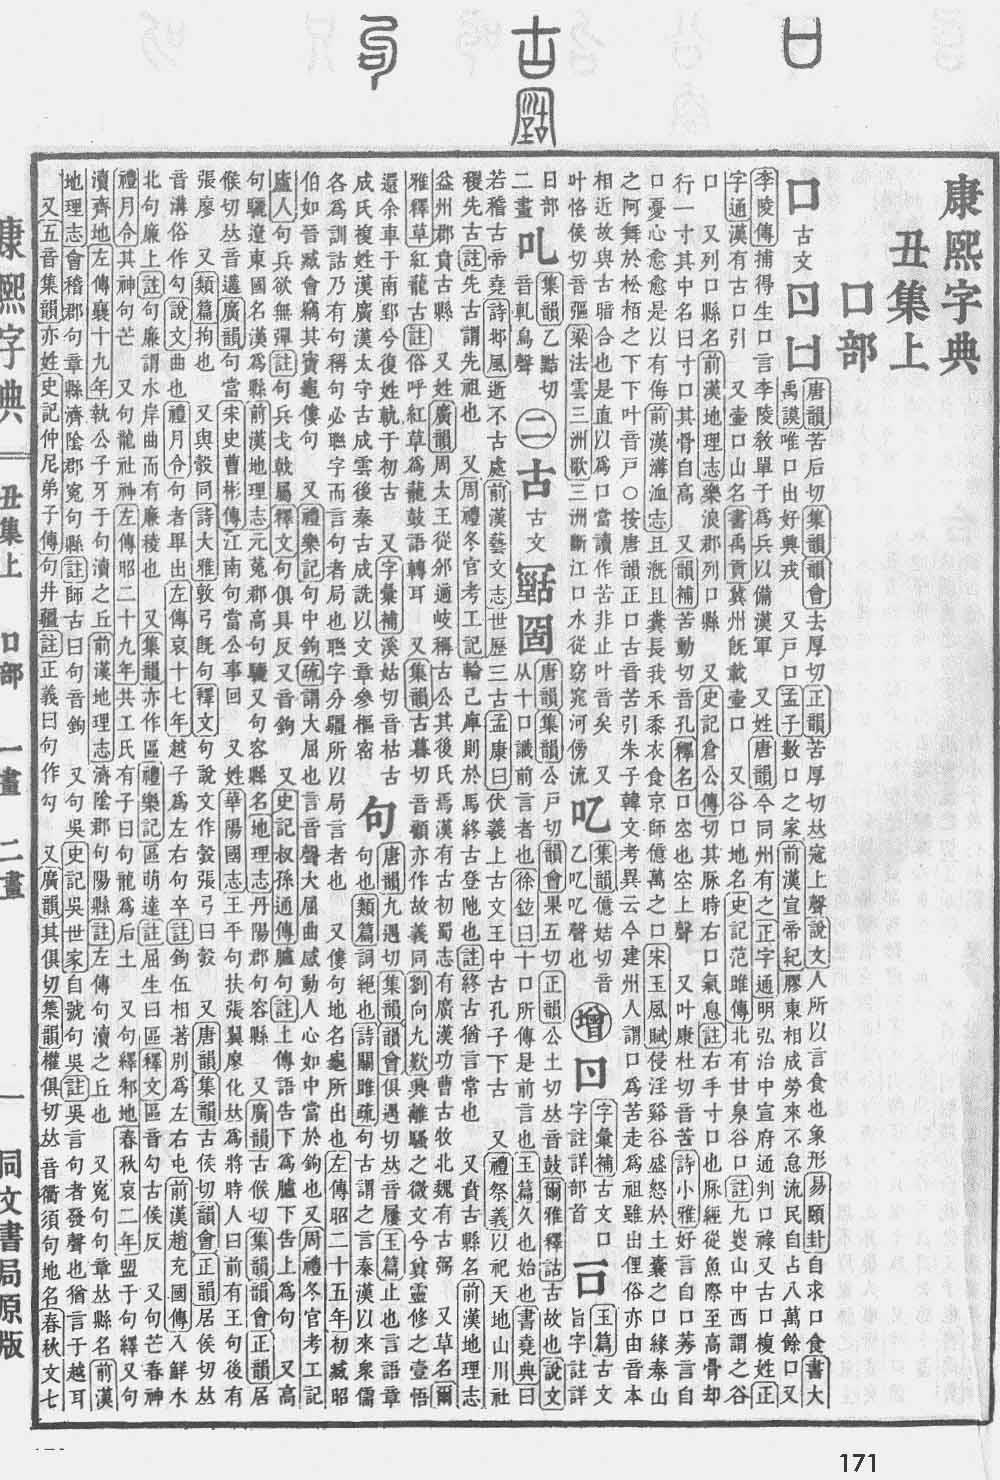 《康熙字典》第171页